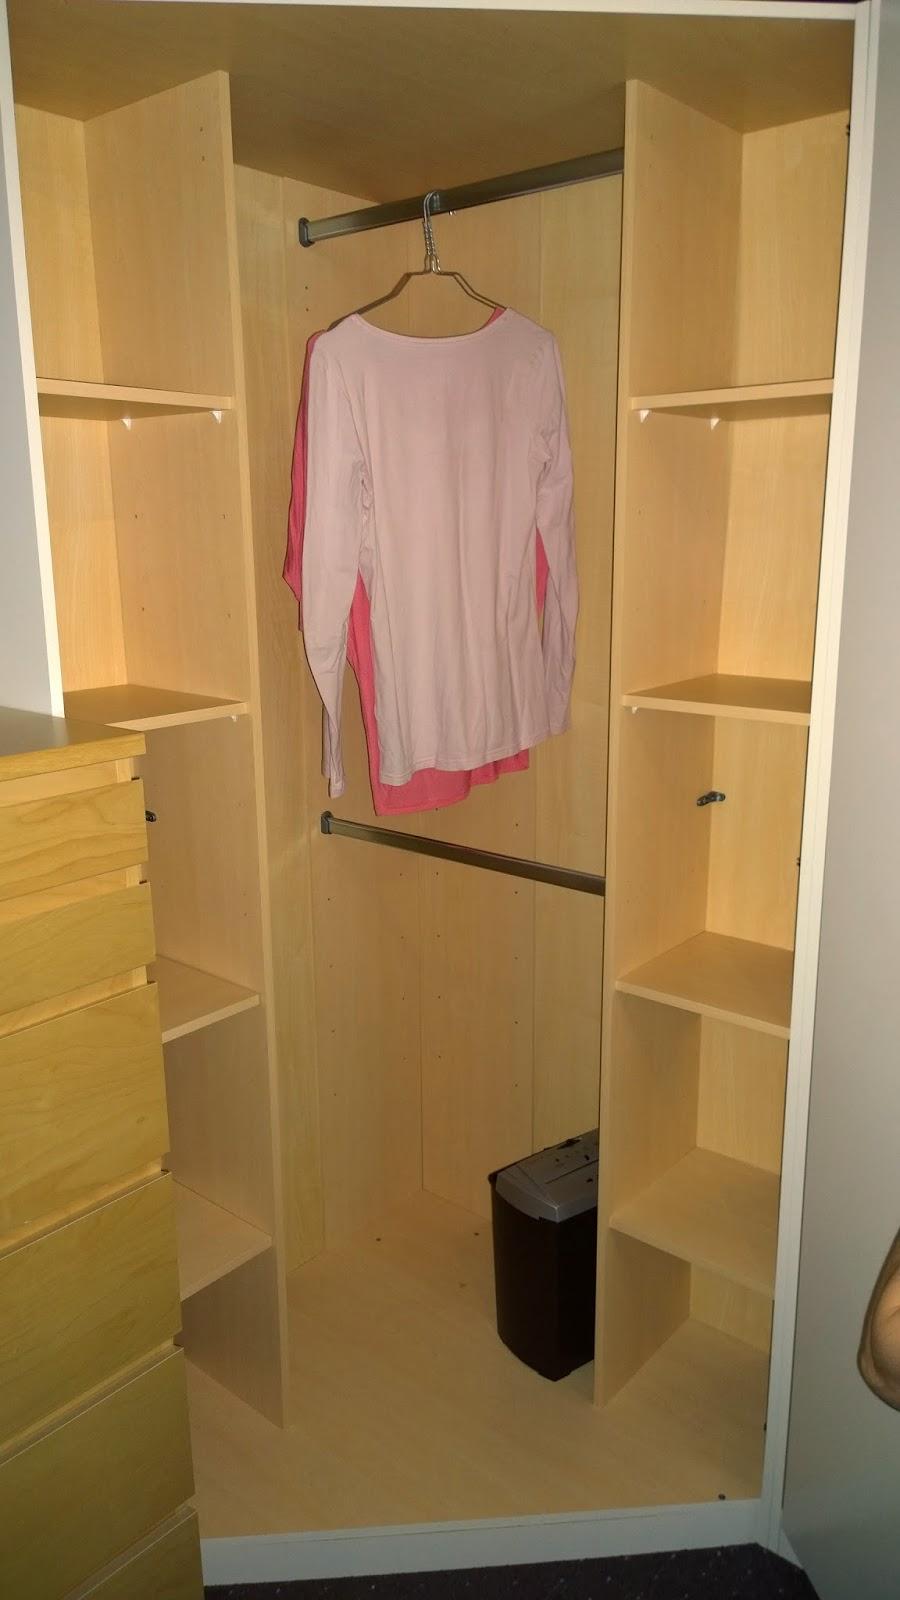 jassy macchiato tsch ss ankleidezimmer hallo kleiderschrank. Black Bedroom Furniture Sets. Home Design Ideas